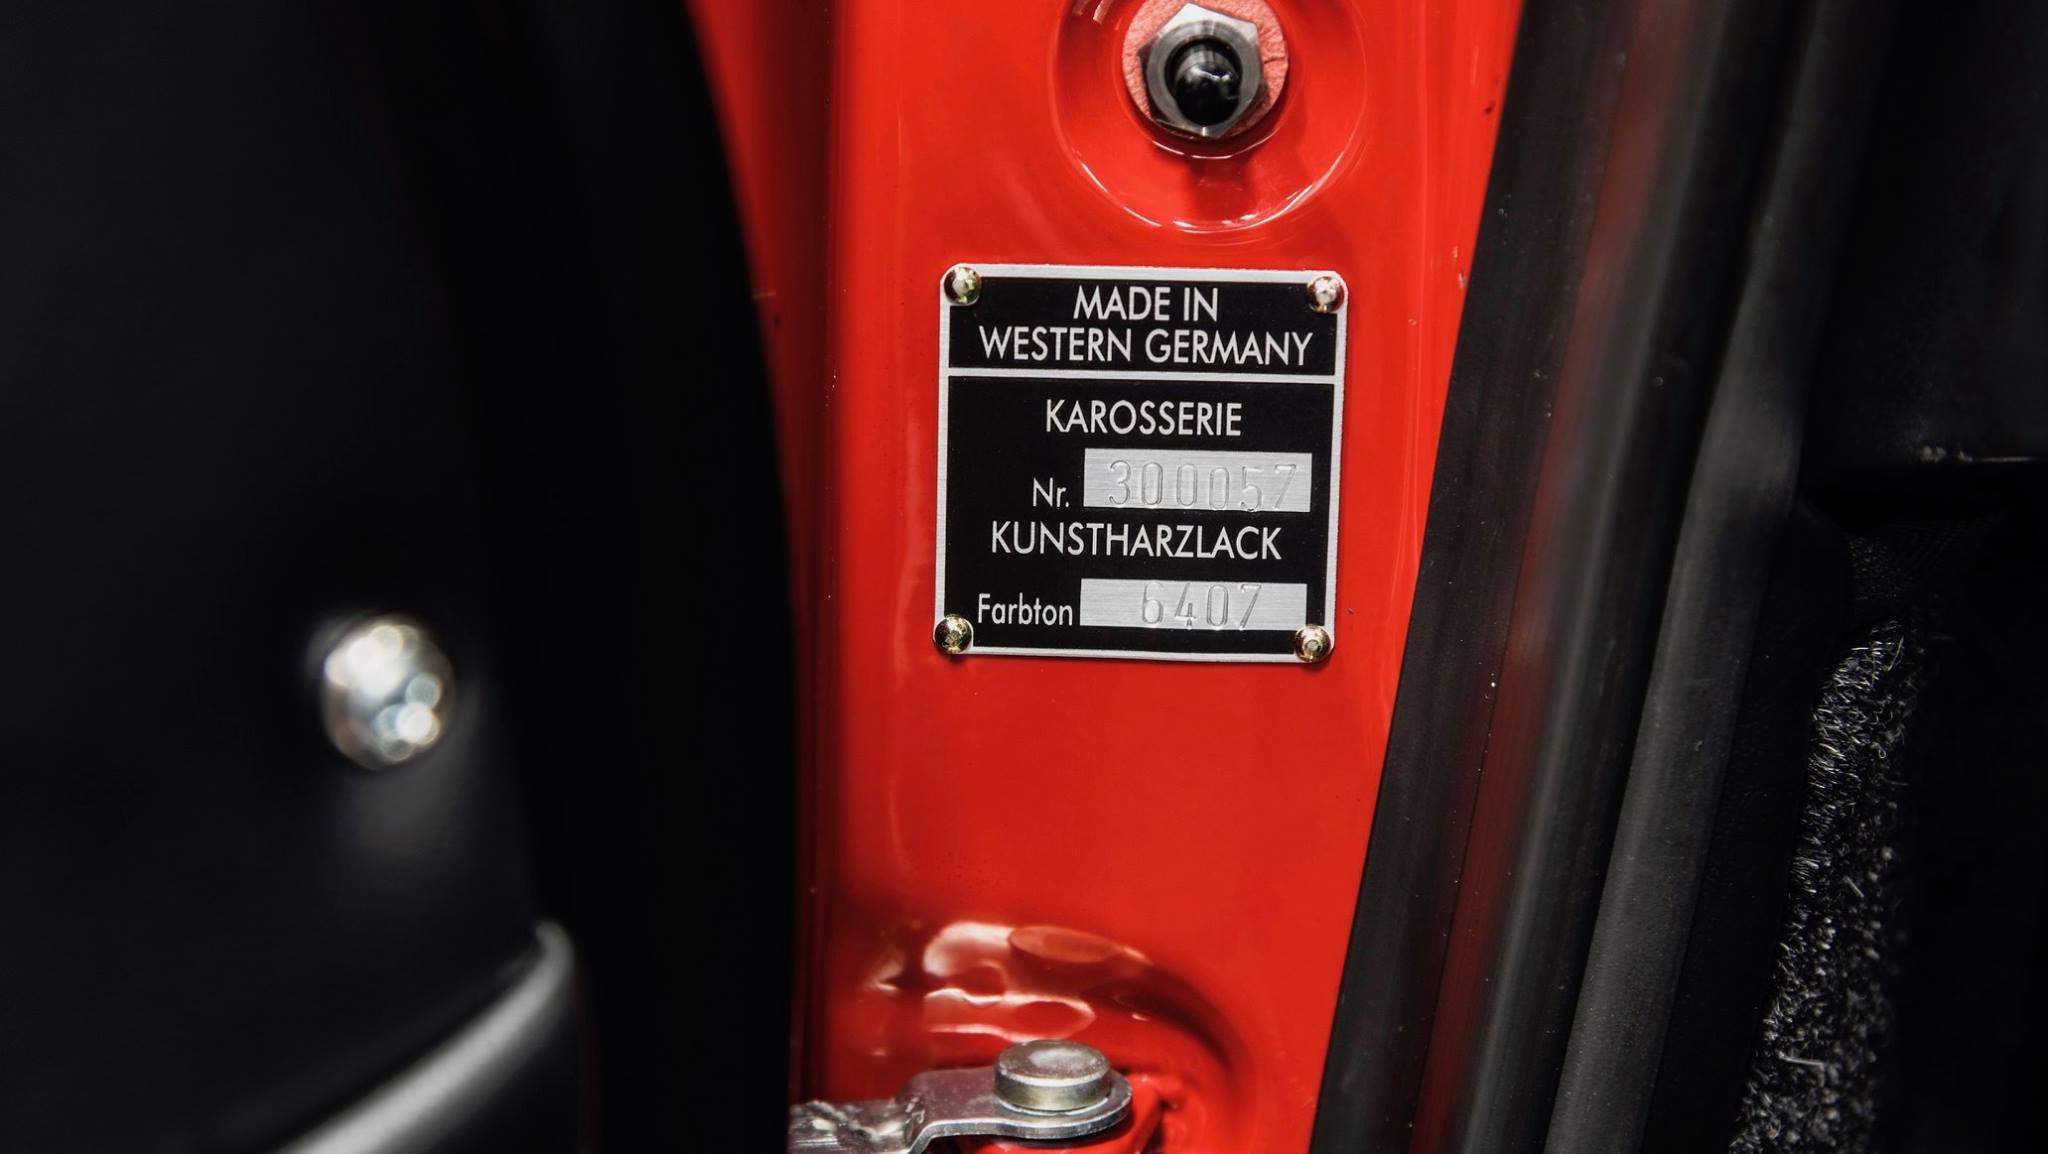 Porsche 901 911 restoration porsche museum (13)